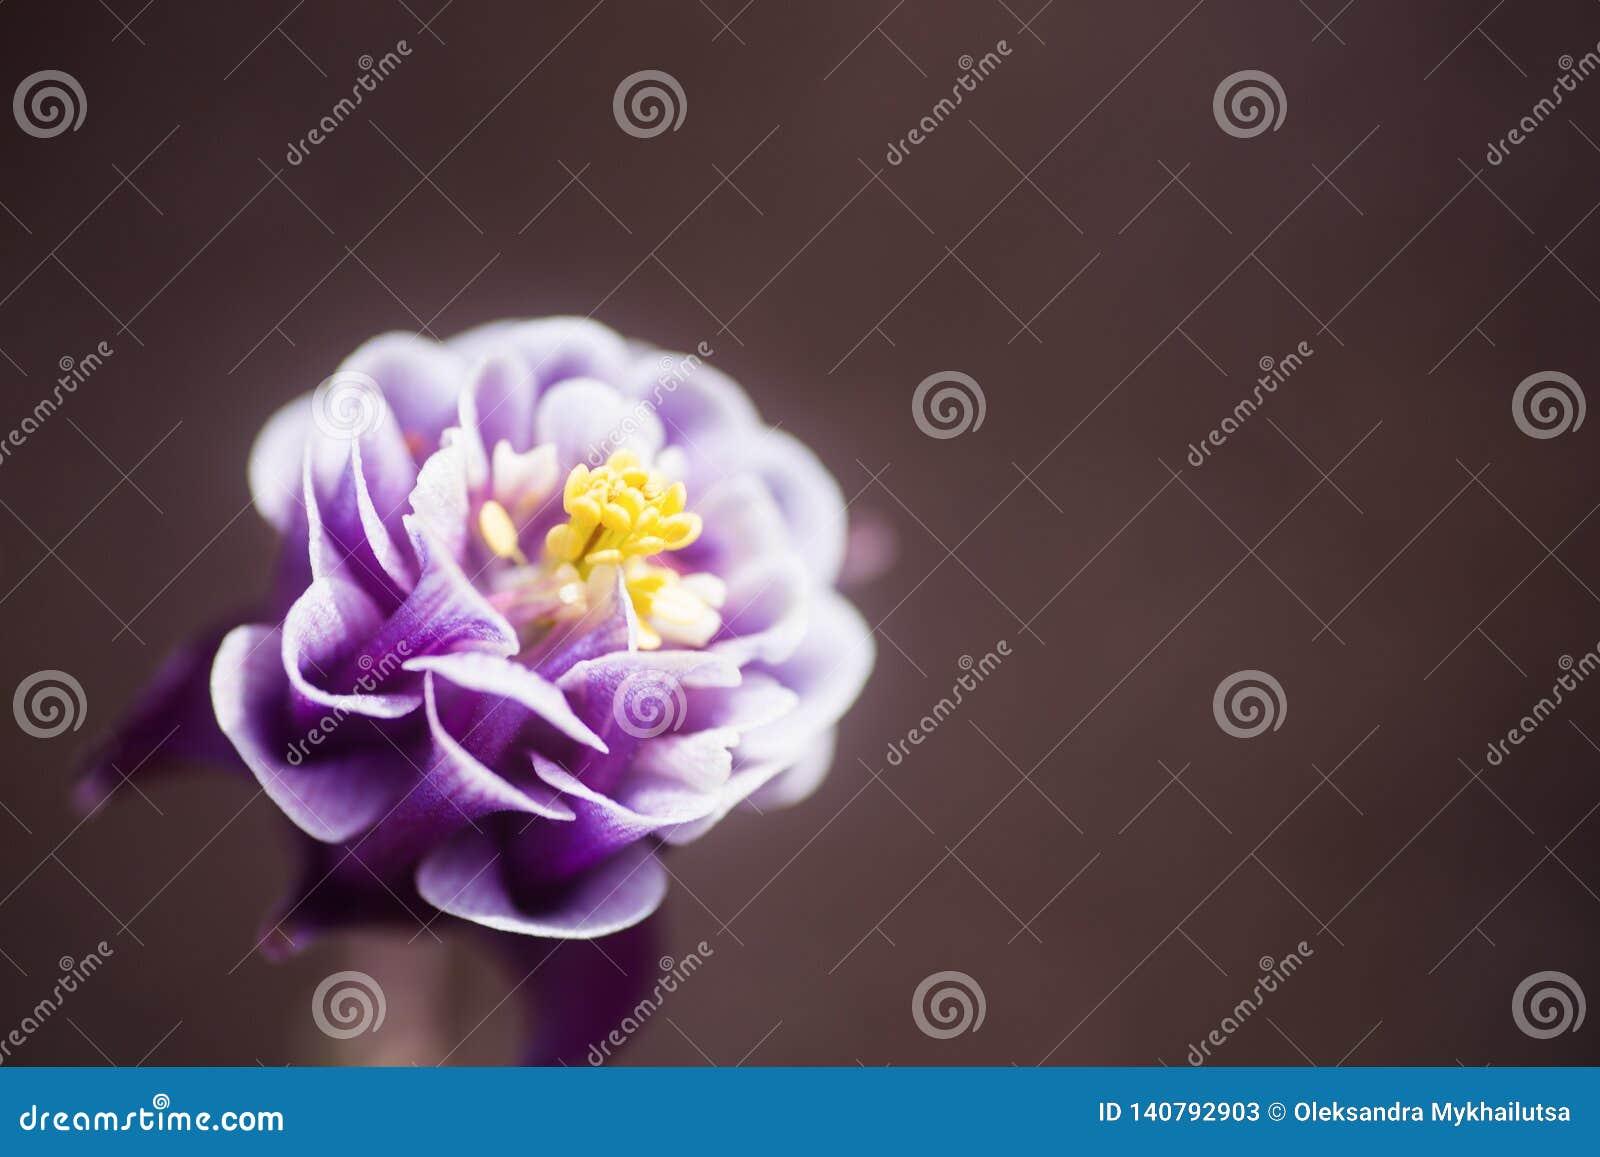 Flor aquilégia roxa do close up com fundo borrado neutro